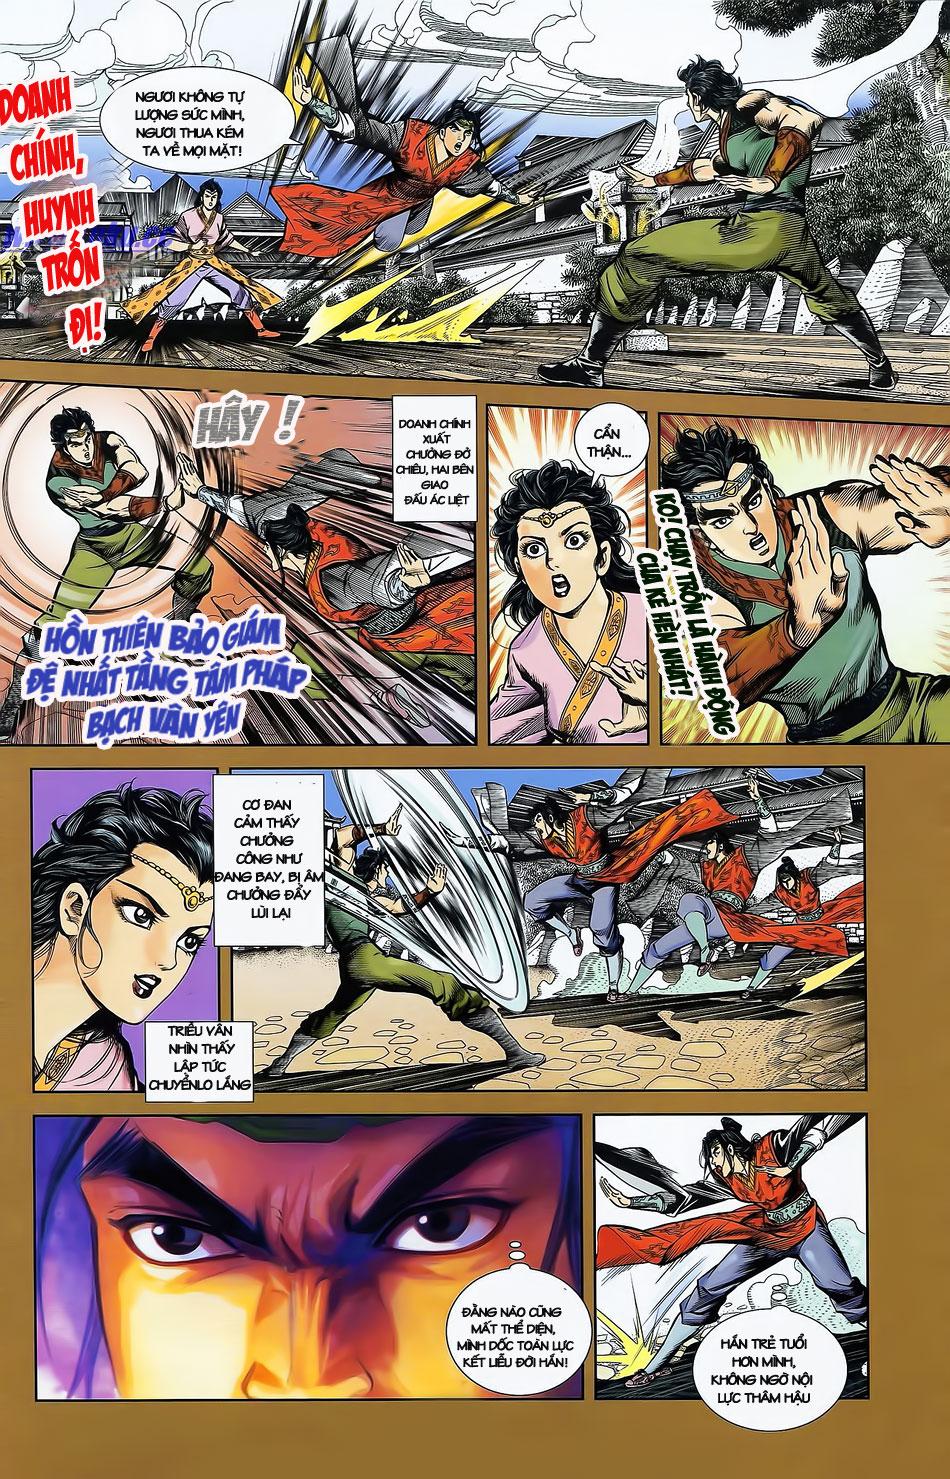 Tần Vương Doanh Chính chapter 2 trang 12